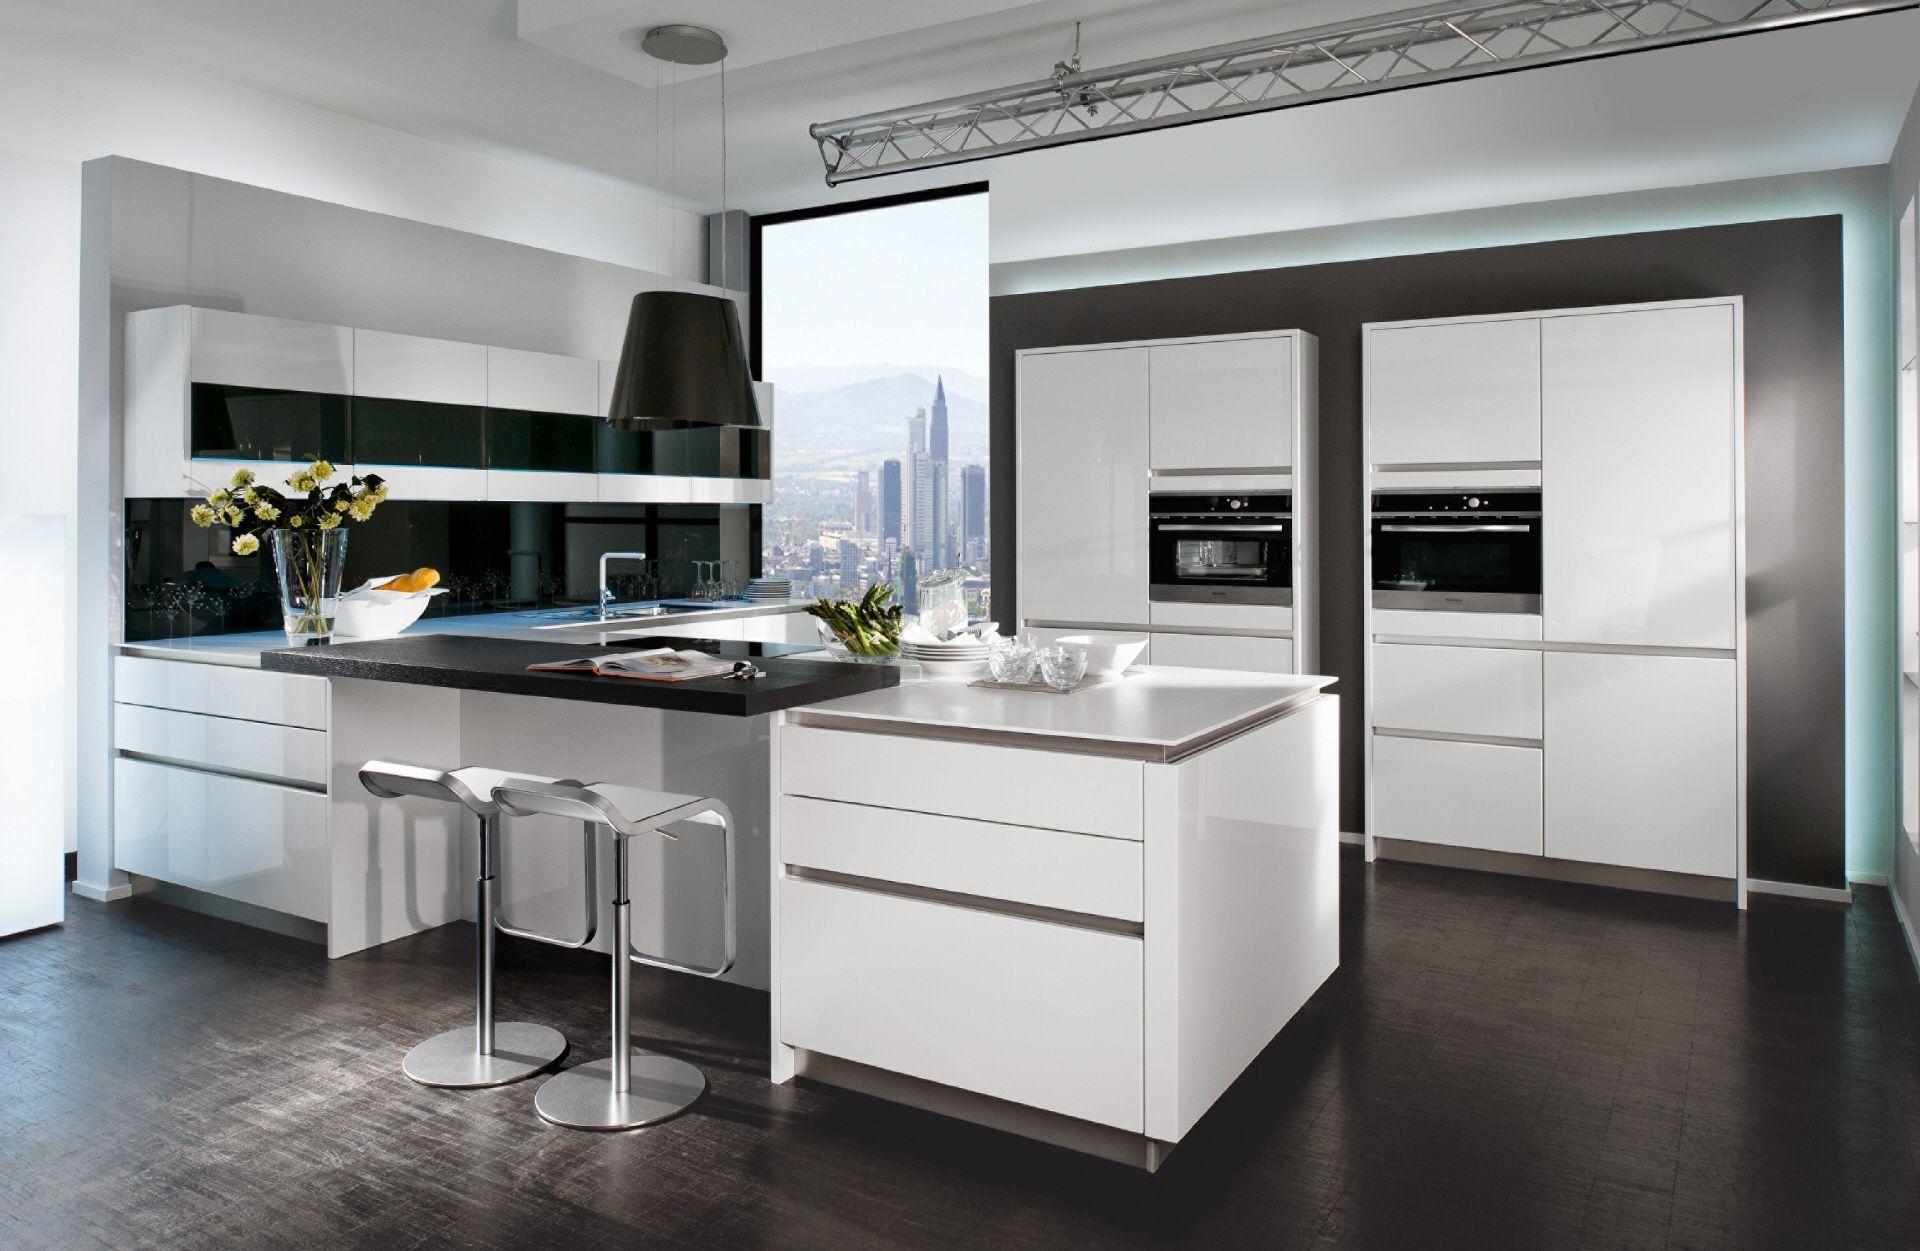 wohnzimmer mit küche | jtleigh - hausgestaltung ideen